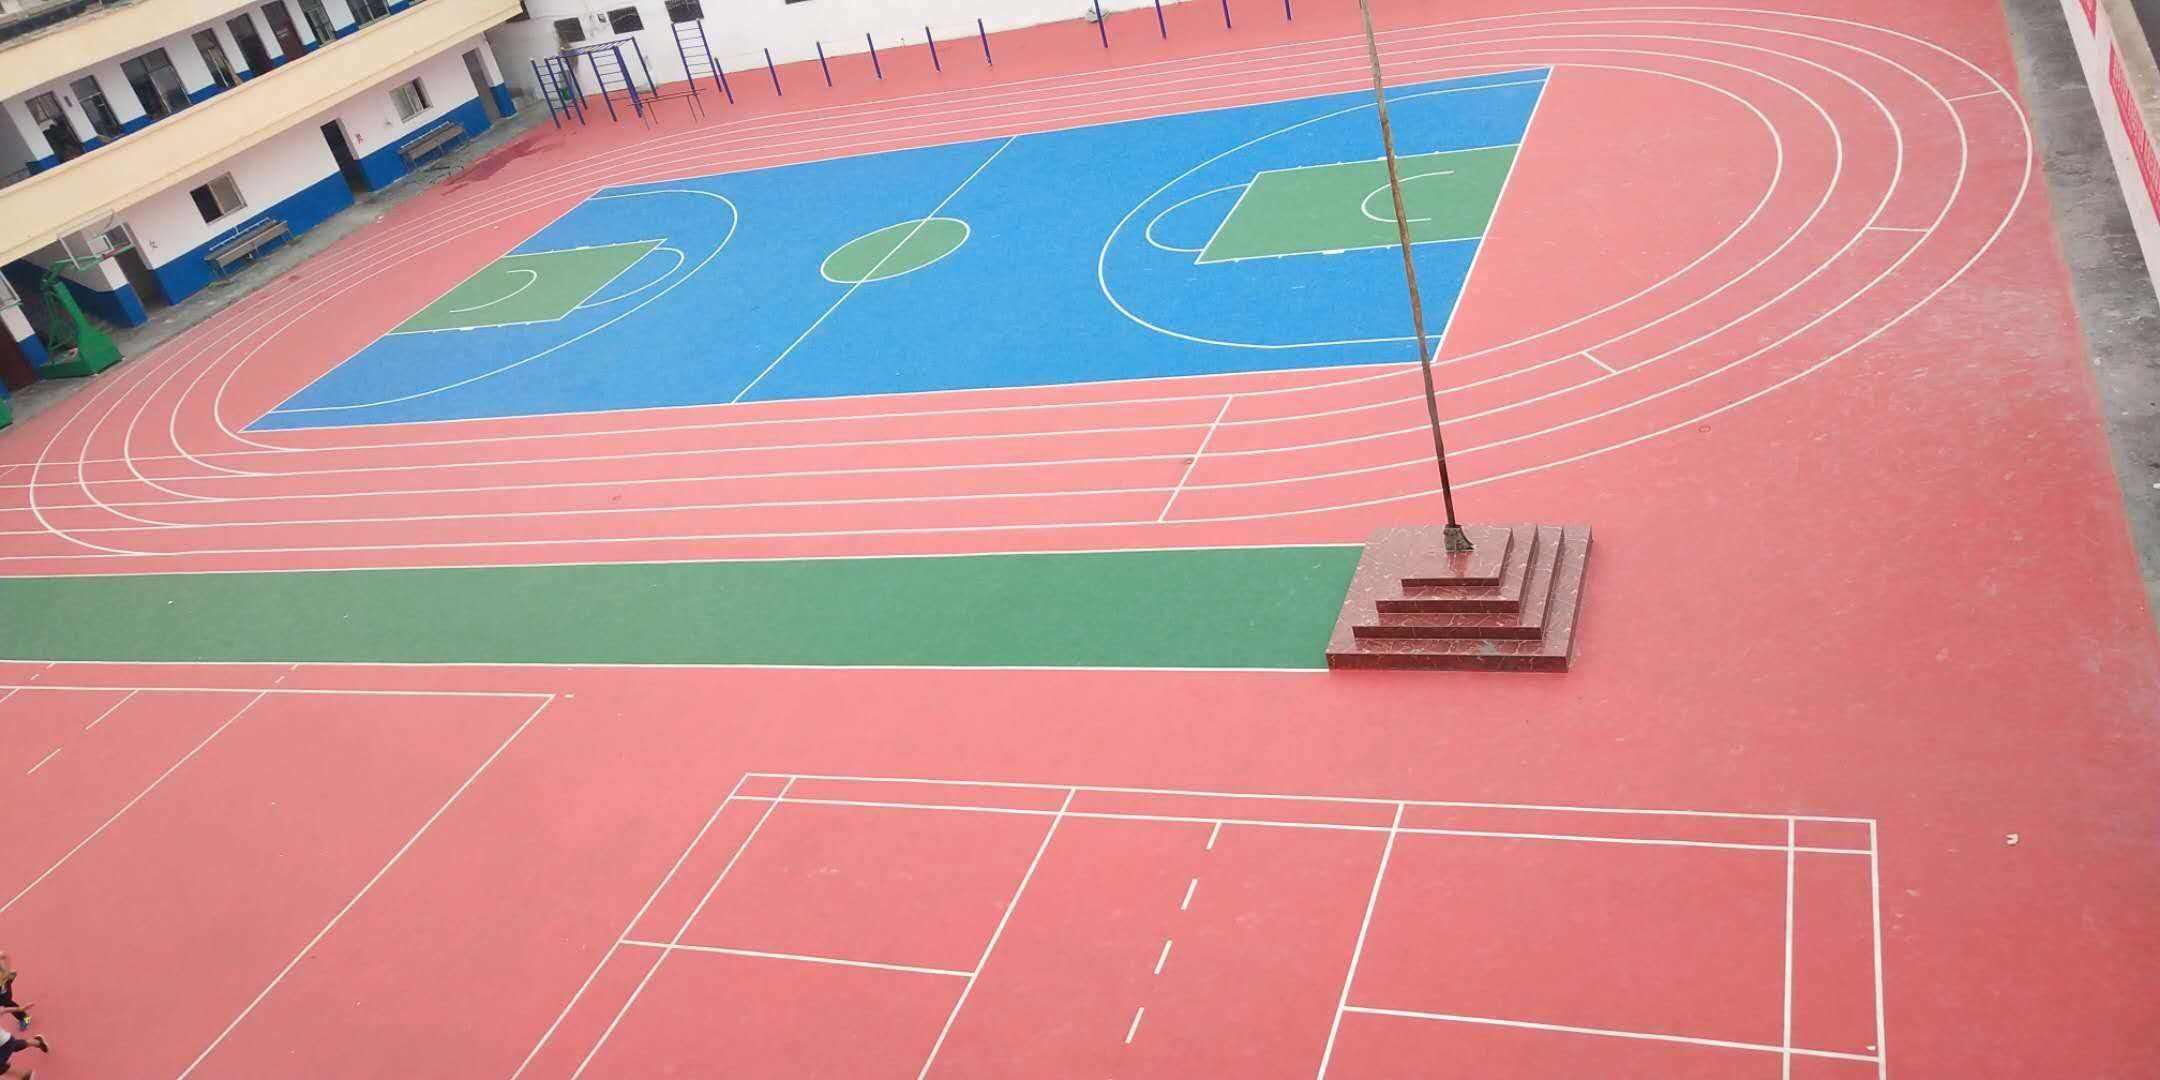 塑胶跑道球场